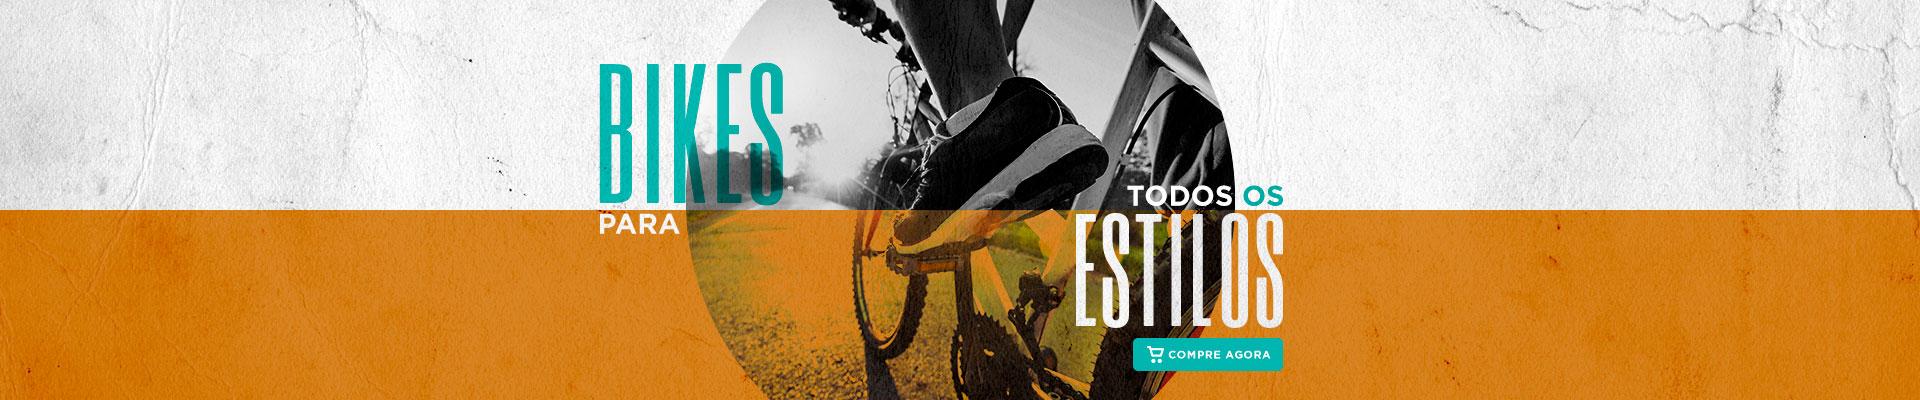 Bikes para todos os estilos